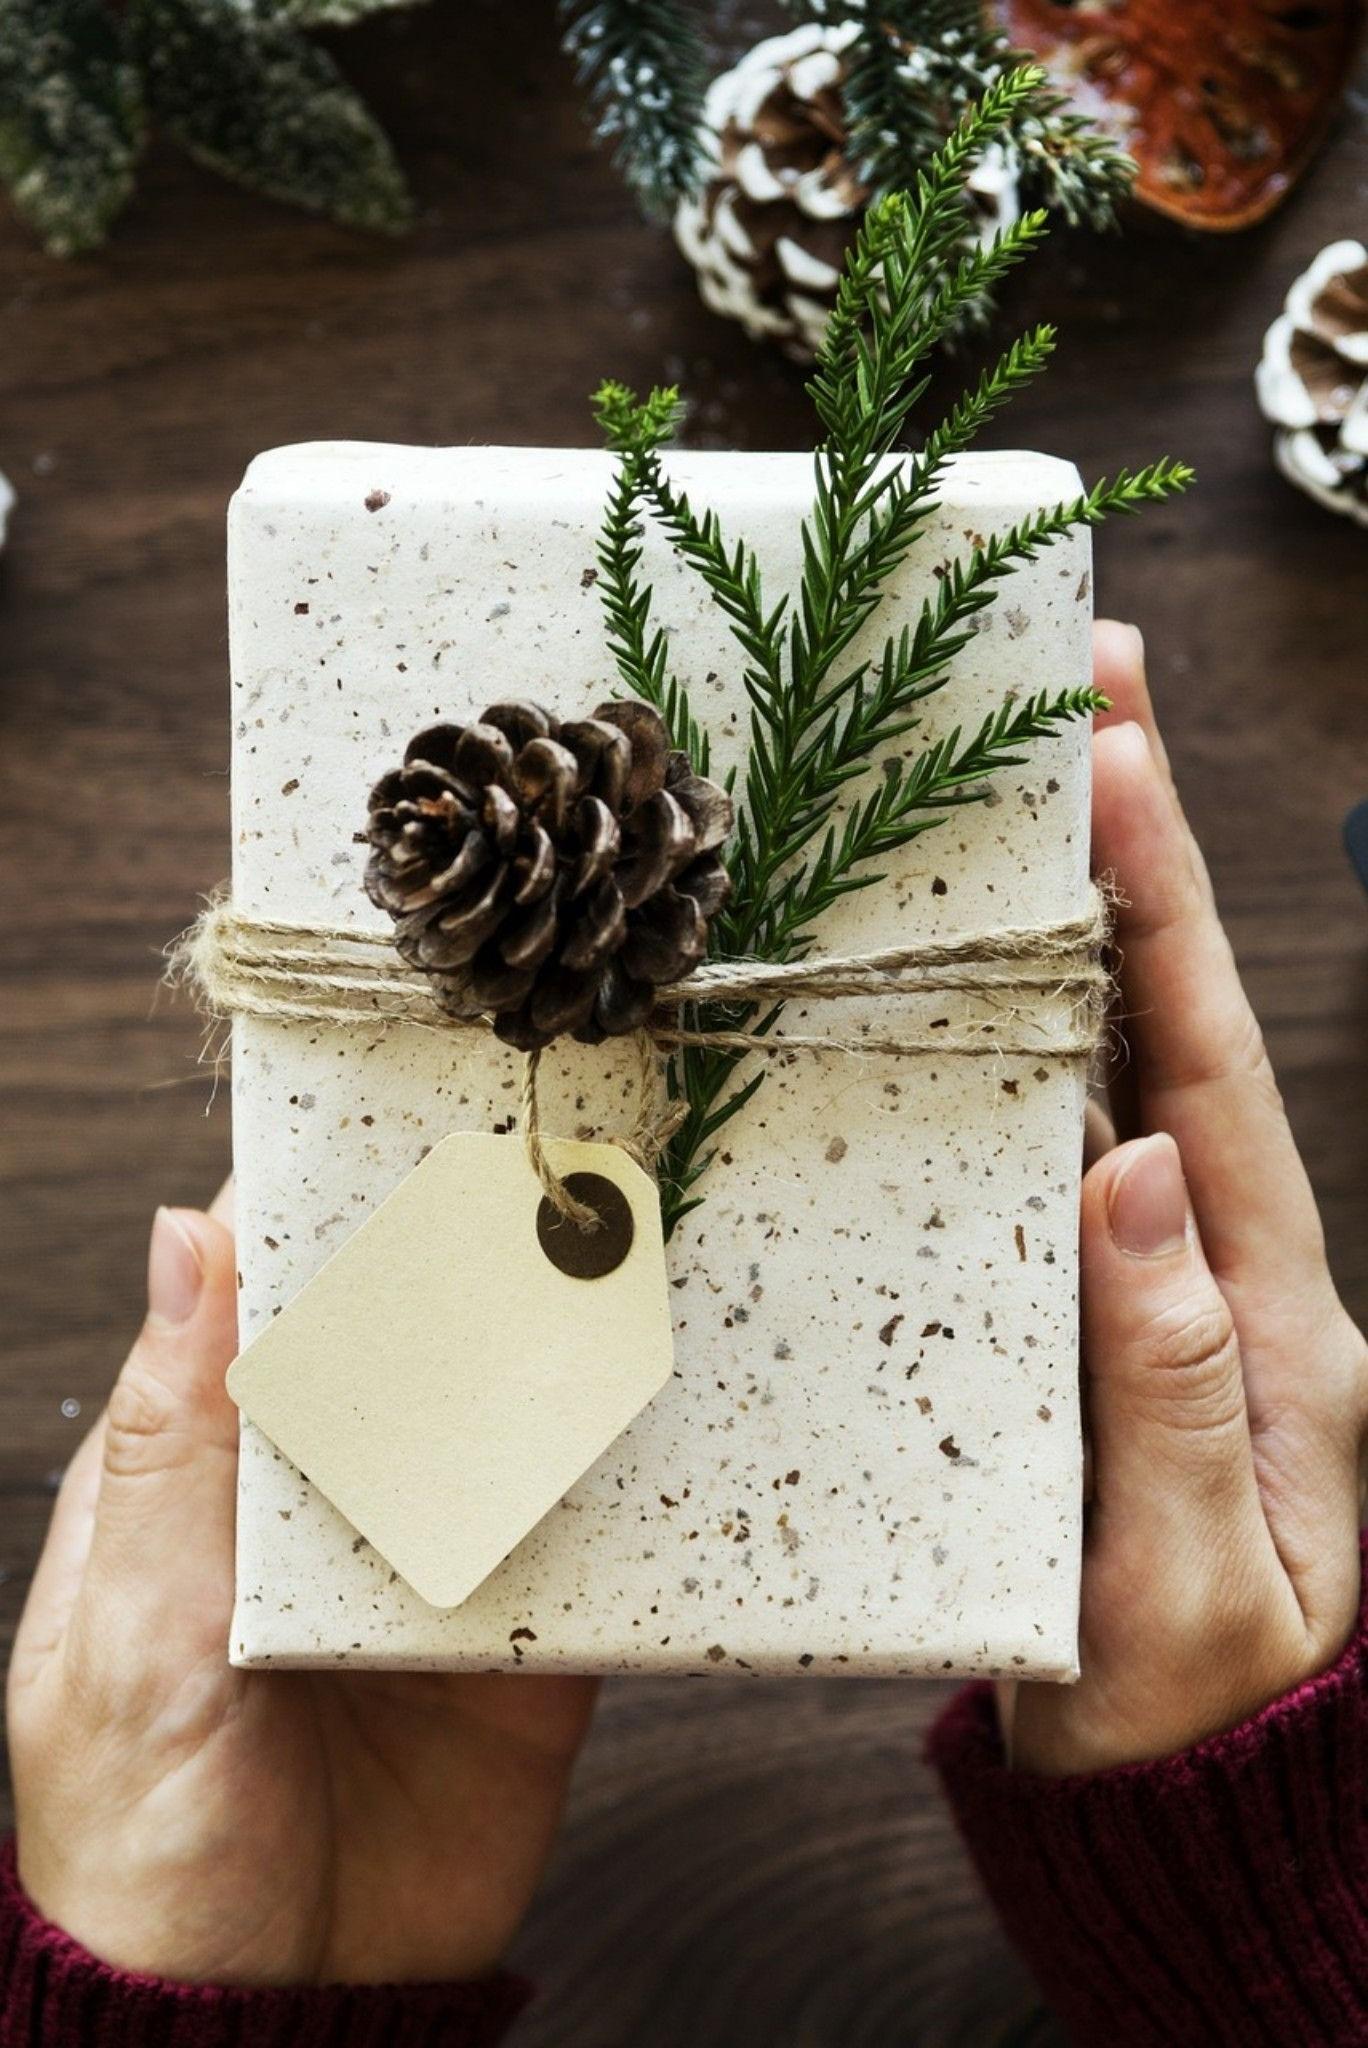 Noël zéro déchet: utilisez des détails naturels pour décorer vos cadeaux.